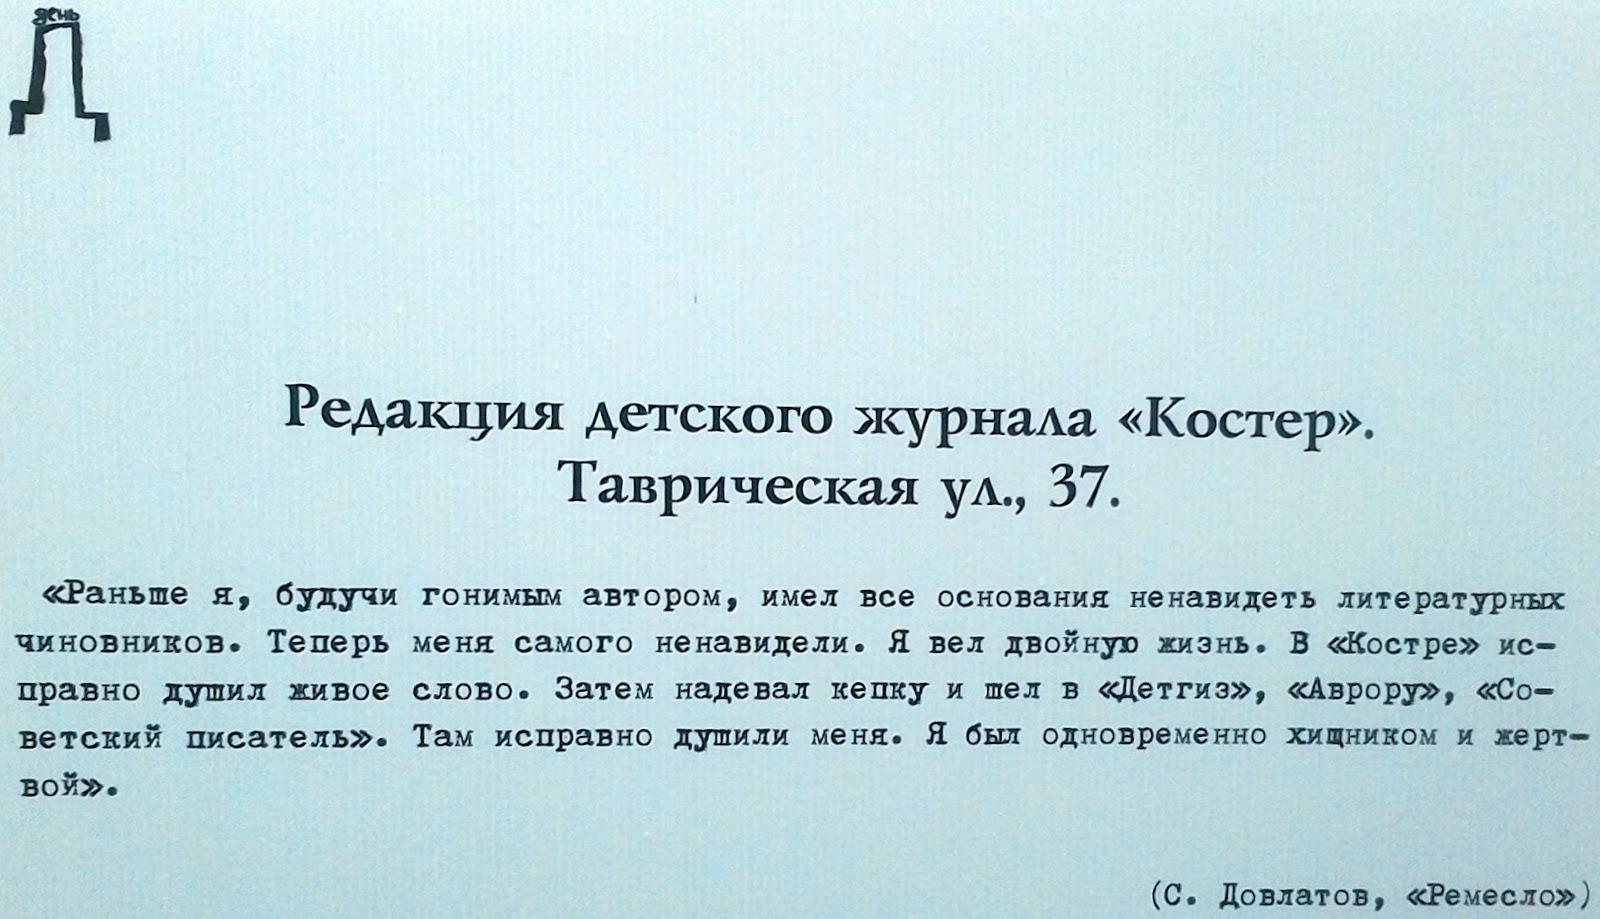 """Довлатов, """"Ремесло"""". День Д. цитаты"""